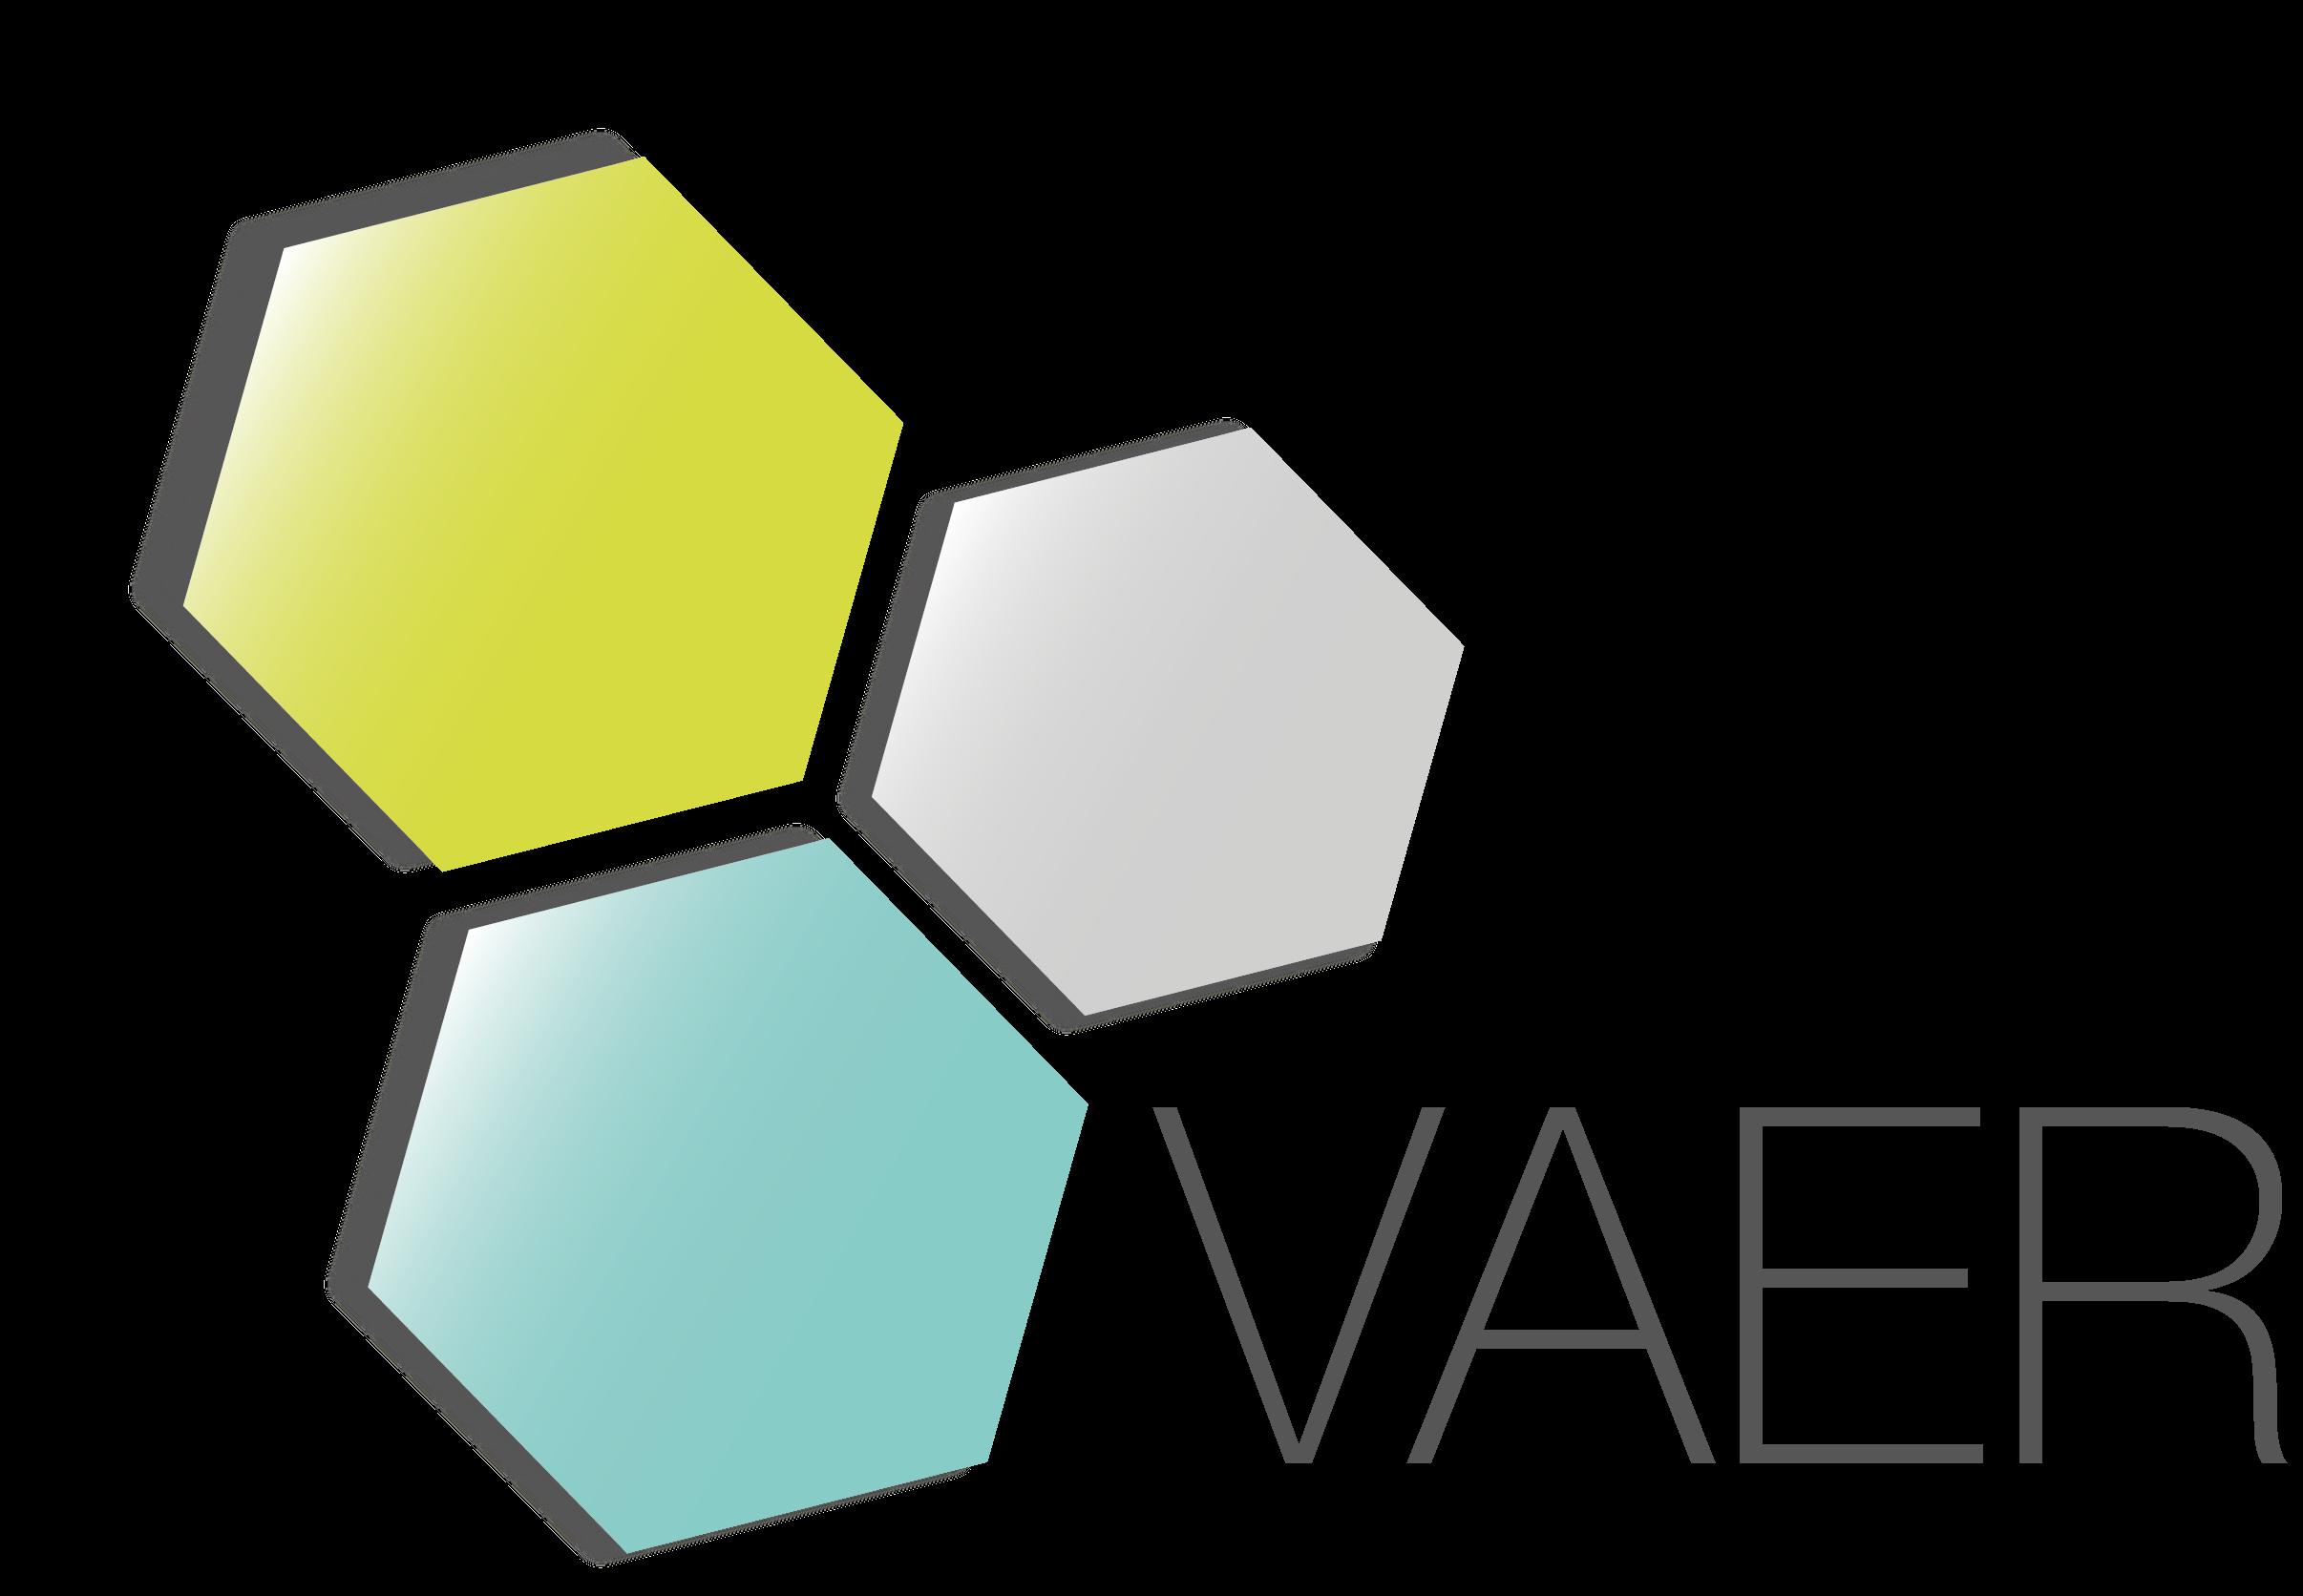 VAER logo (transparent)